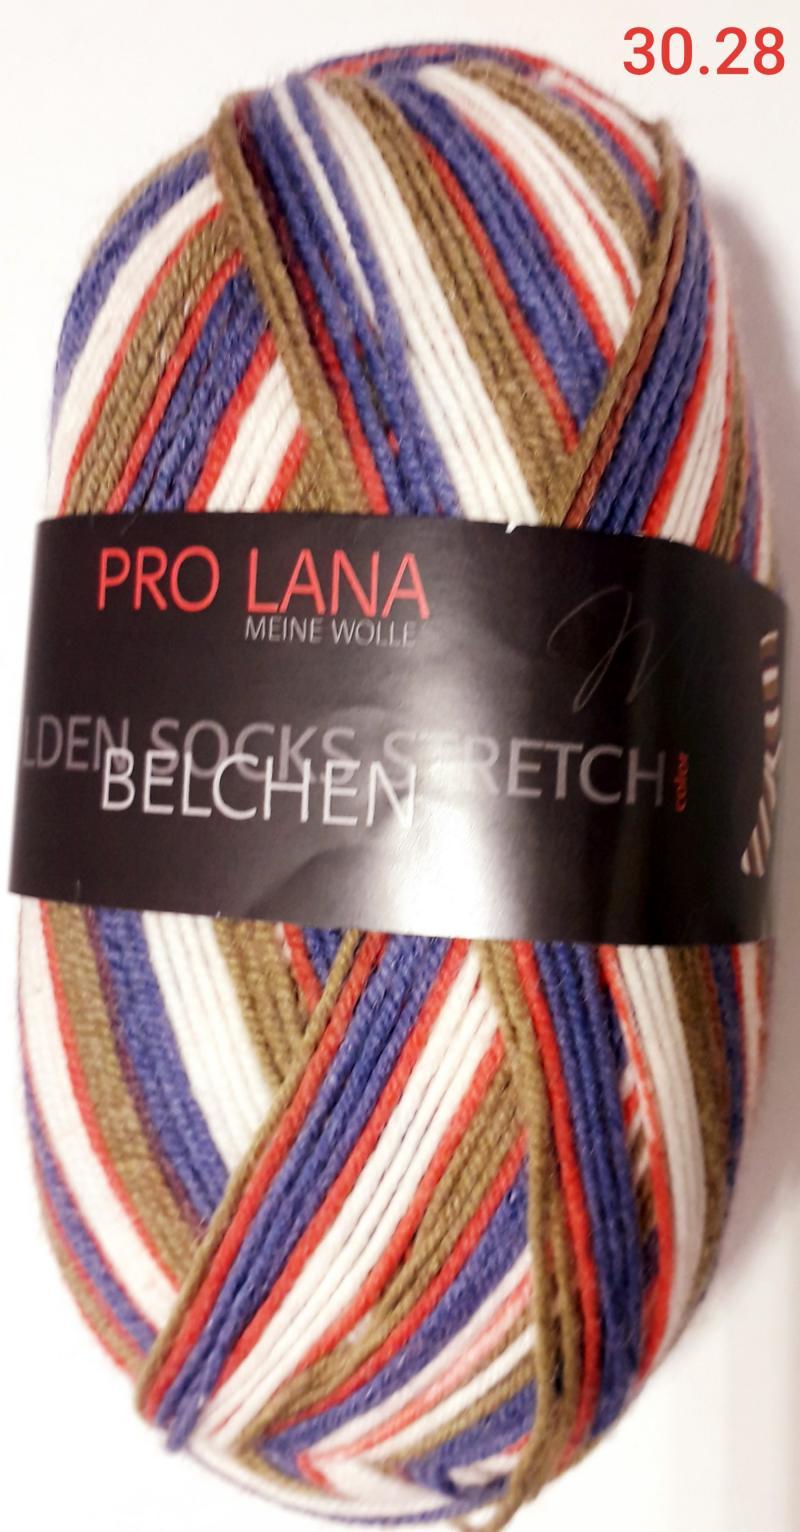 Belchen 4f